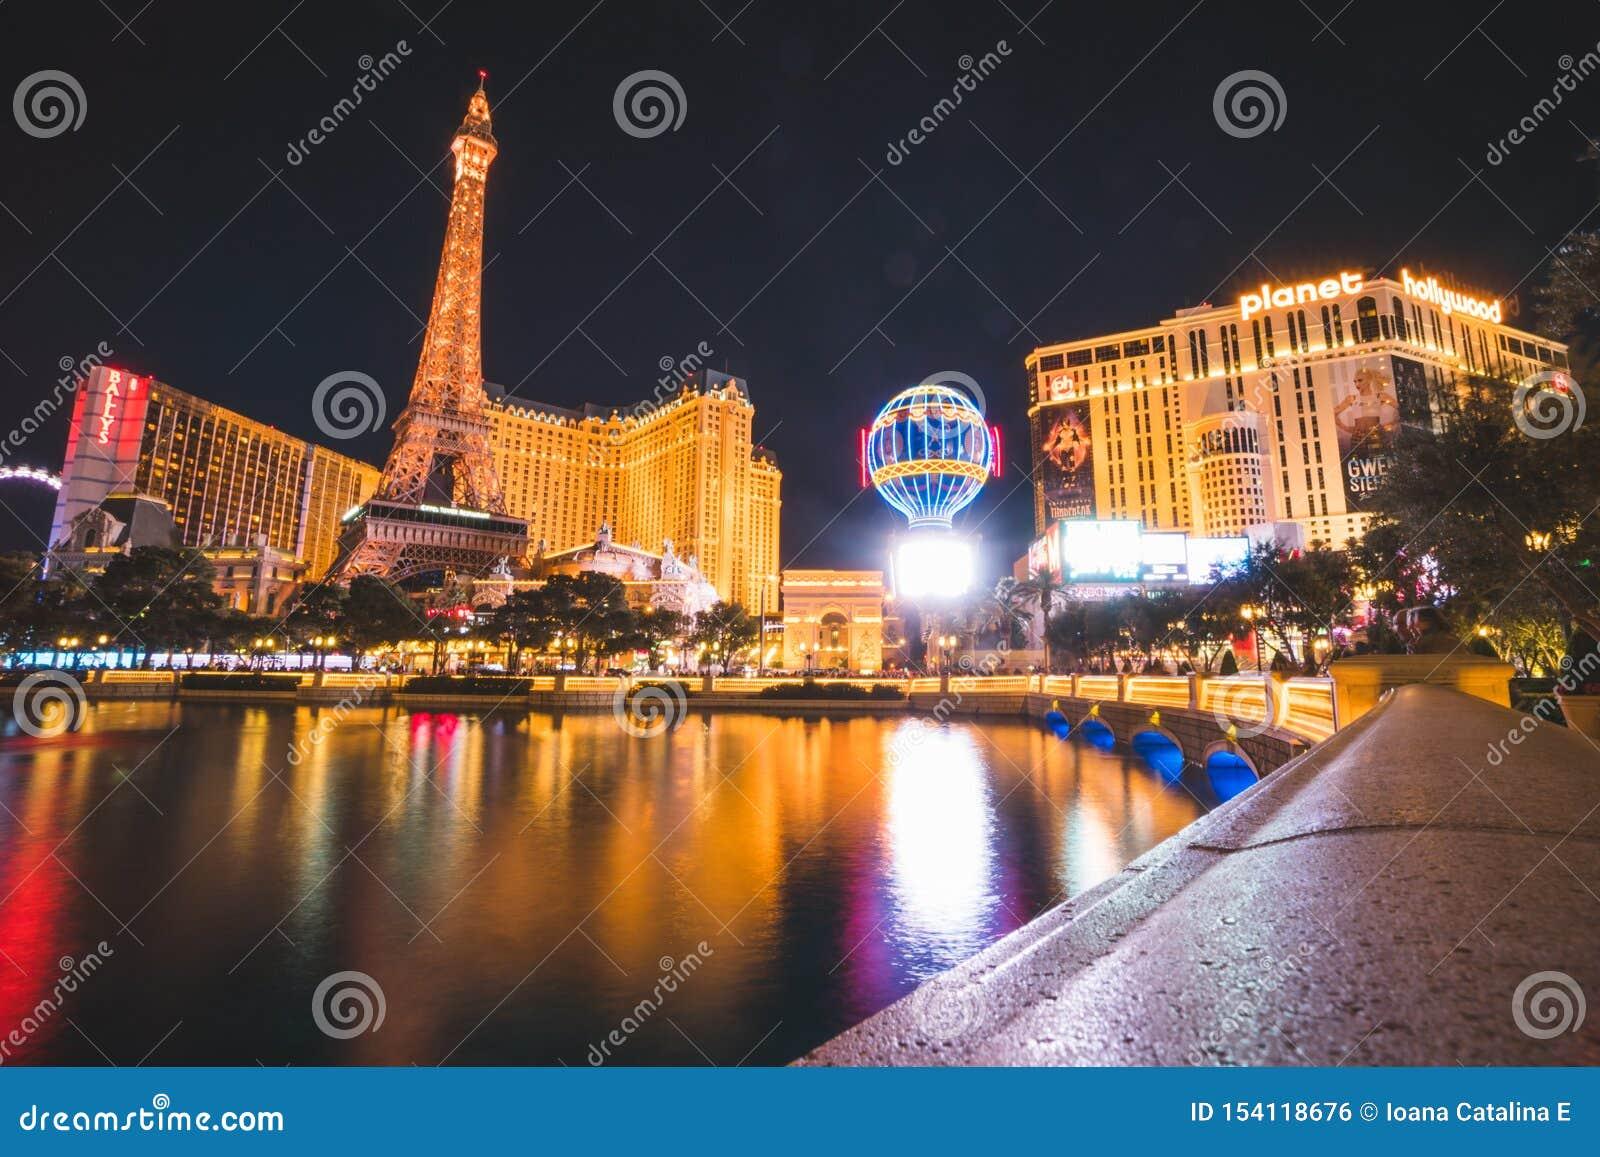 Холд в казино лас-вегаса bingo boom игровые автоматы